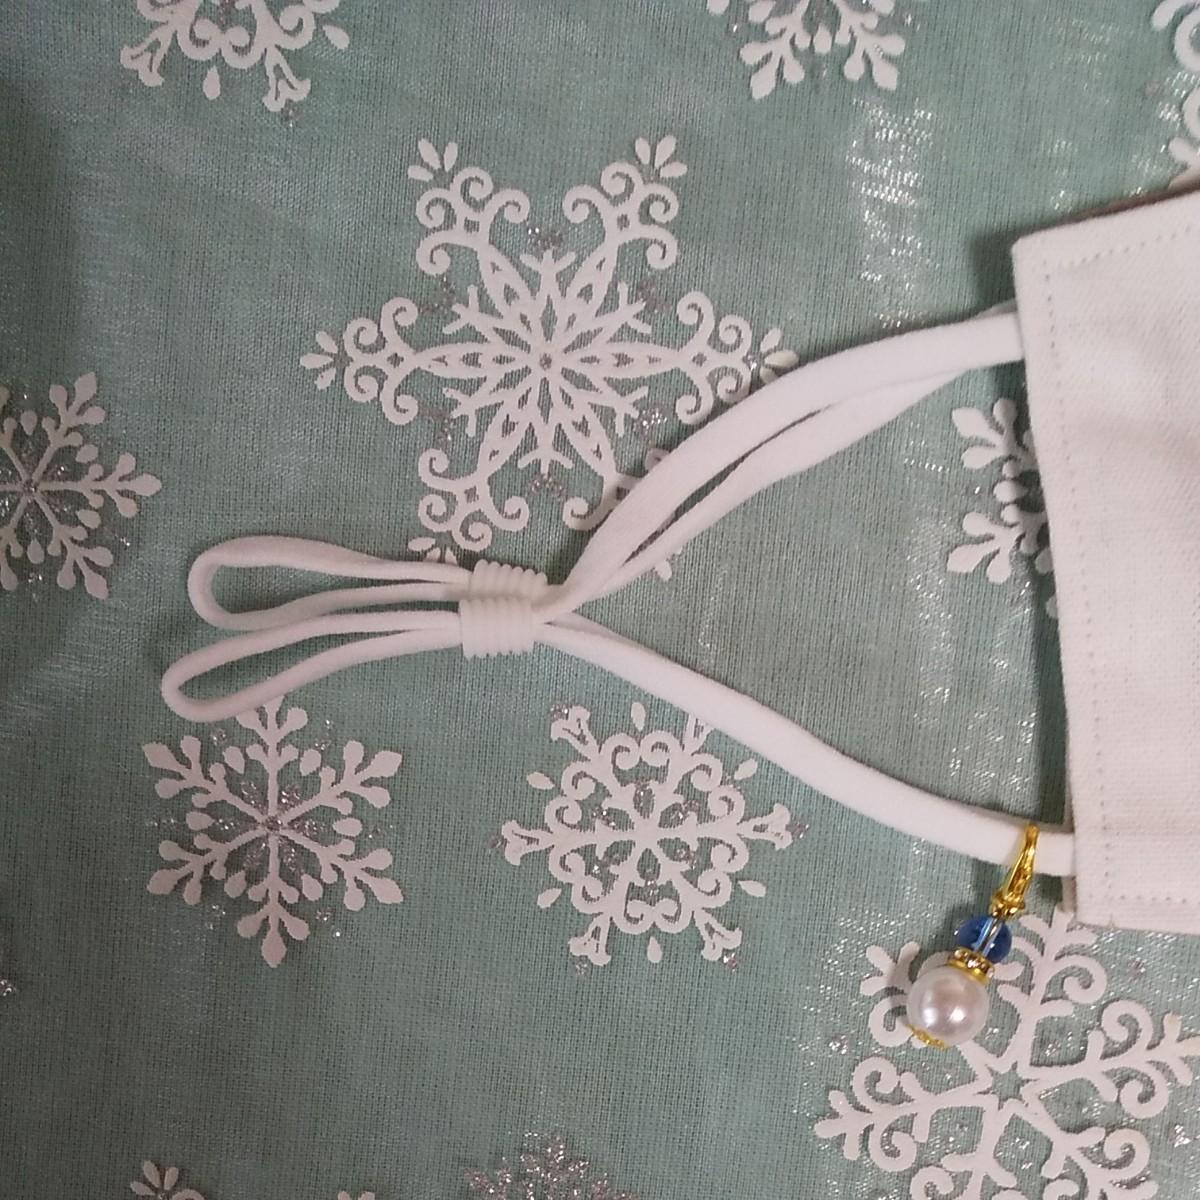 立体インナーハンドメイド、綿麻、ガーゼ、チュール刺繍レース(ホワイト×藍色×花柄)(大きめサイズ)アジャスター付、チャーム付